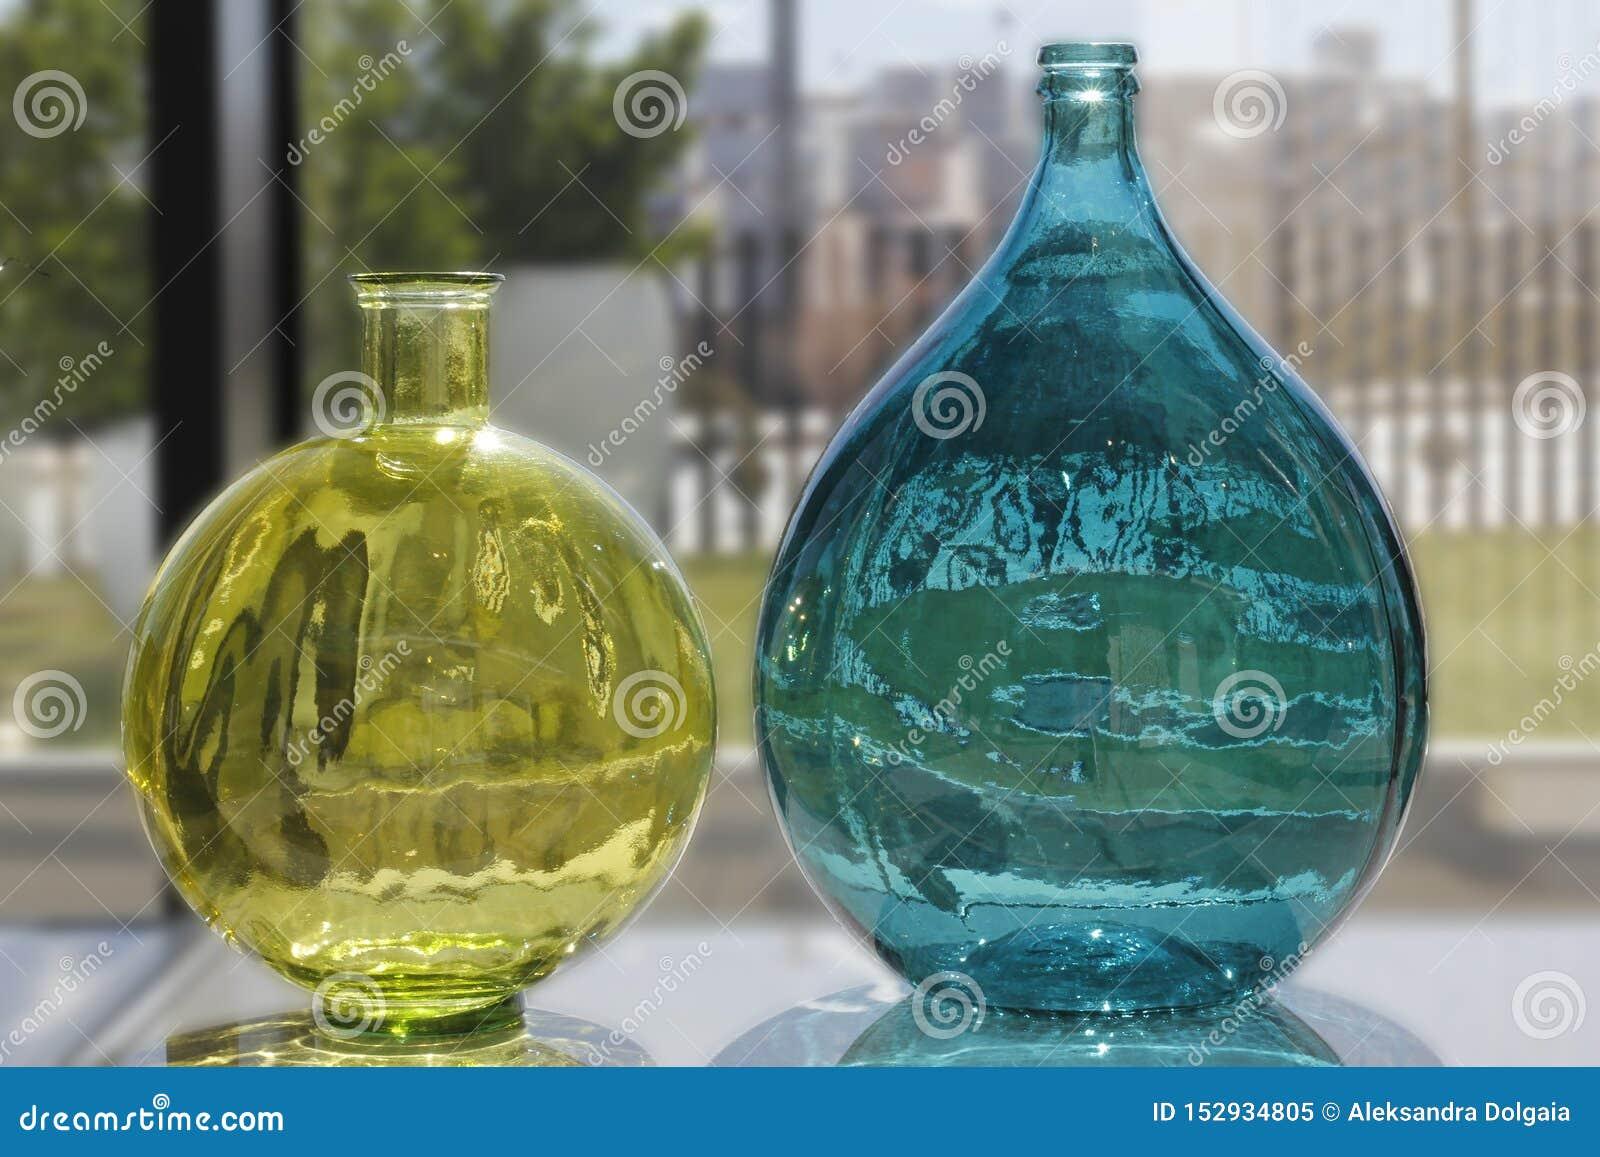 Boottles transparentes coloridos